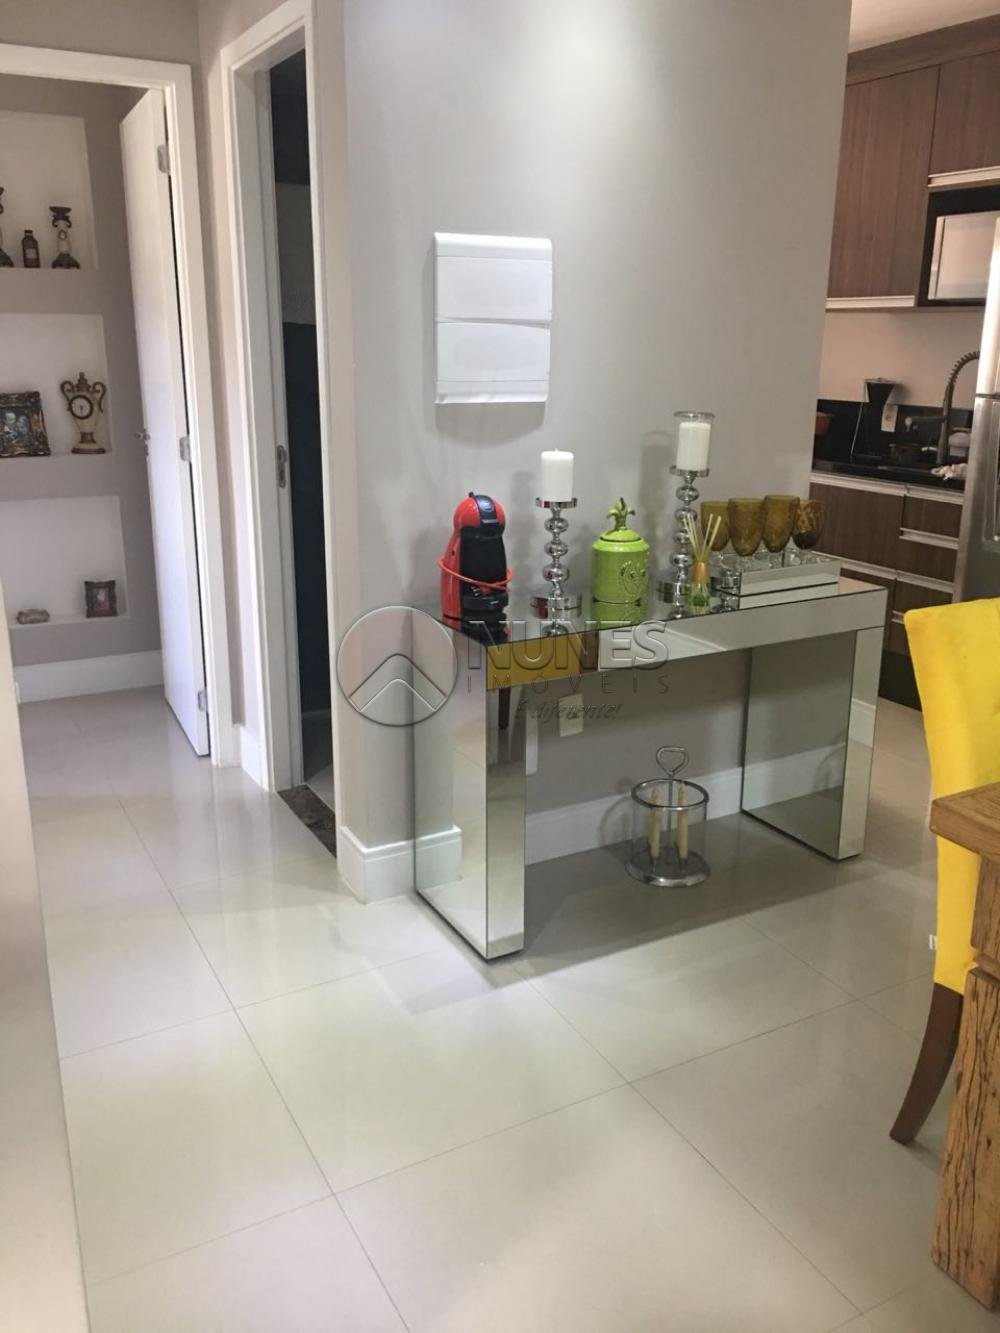 Comprar Apartamento / Padrão em Barueri apenas R$ 405.000,00 - Foto 2